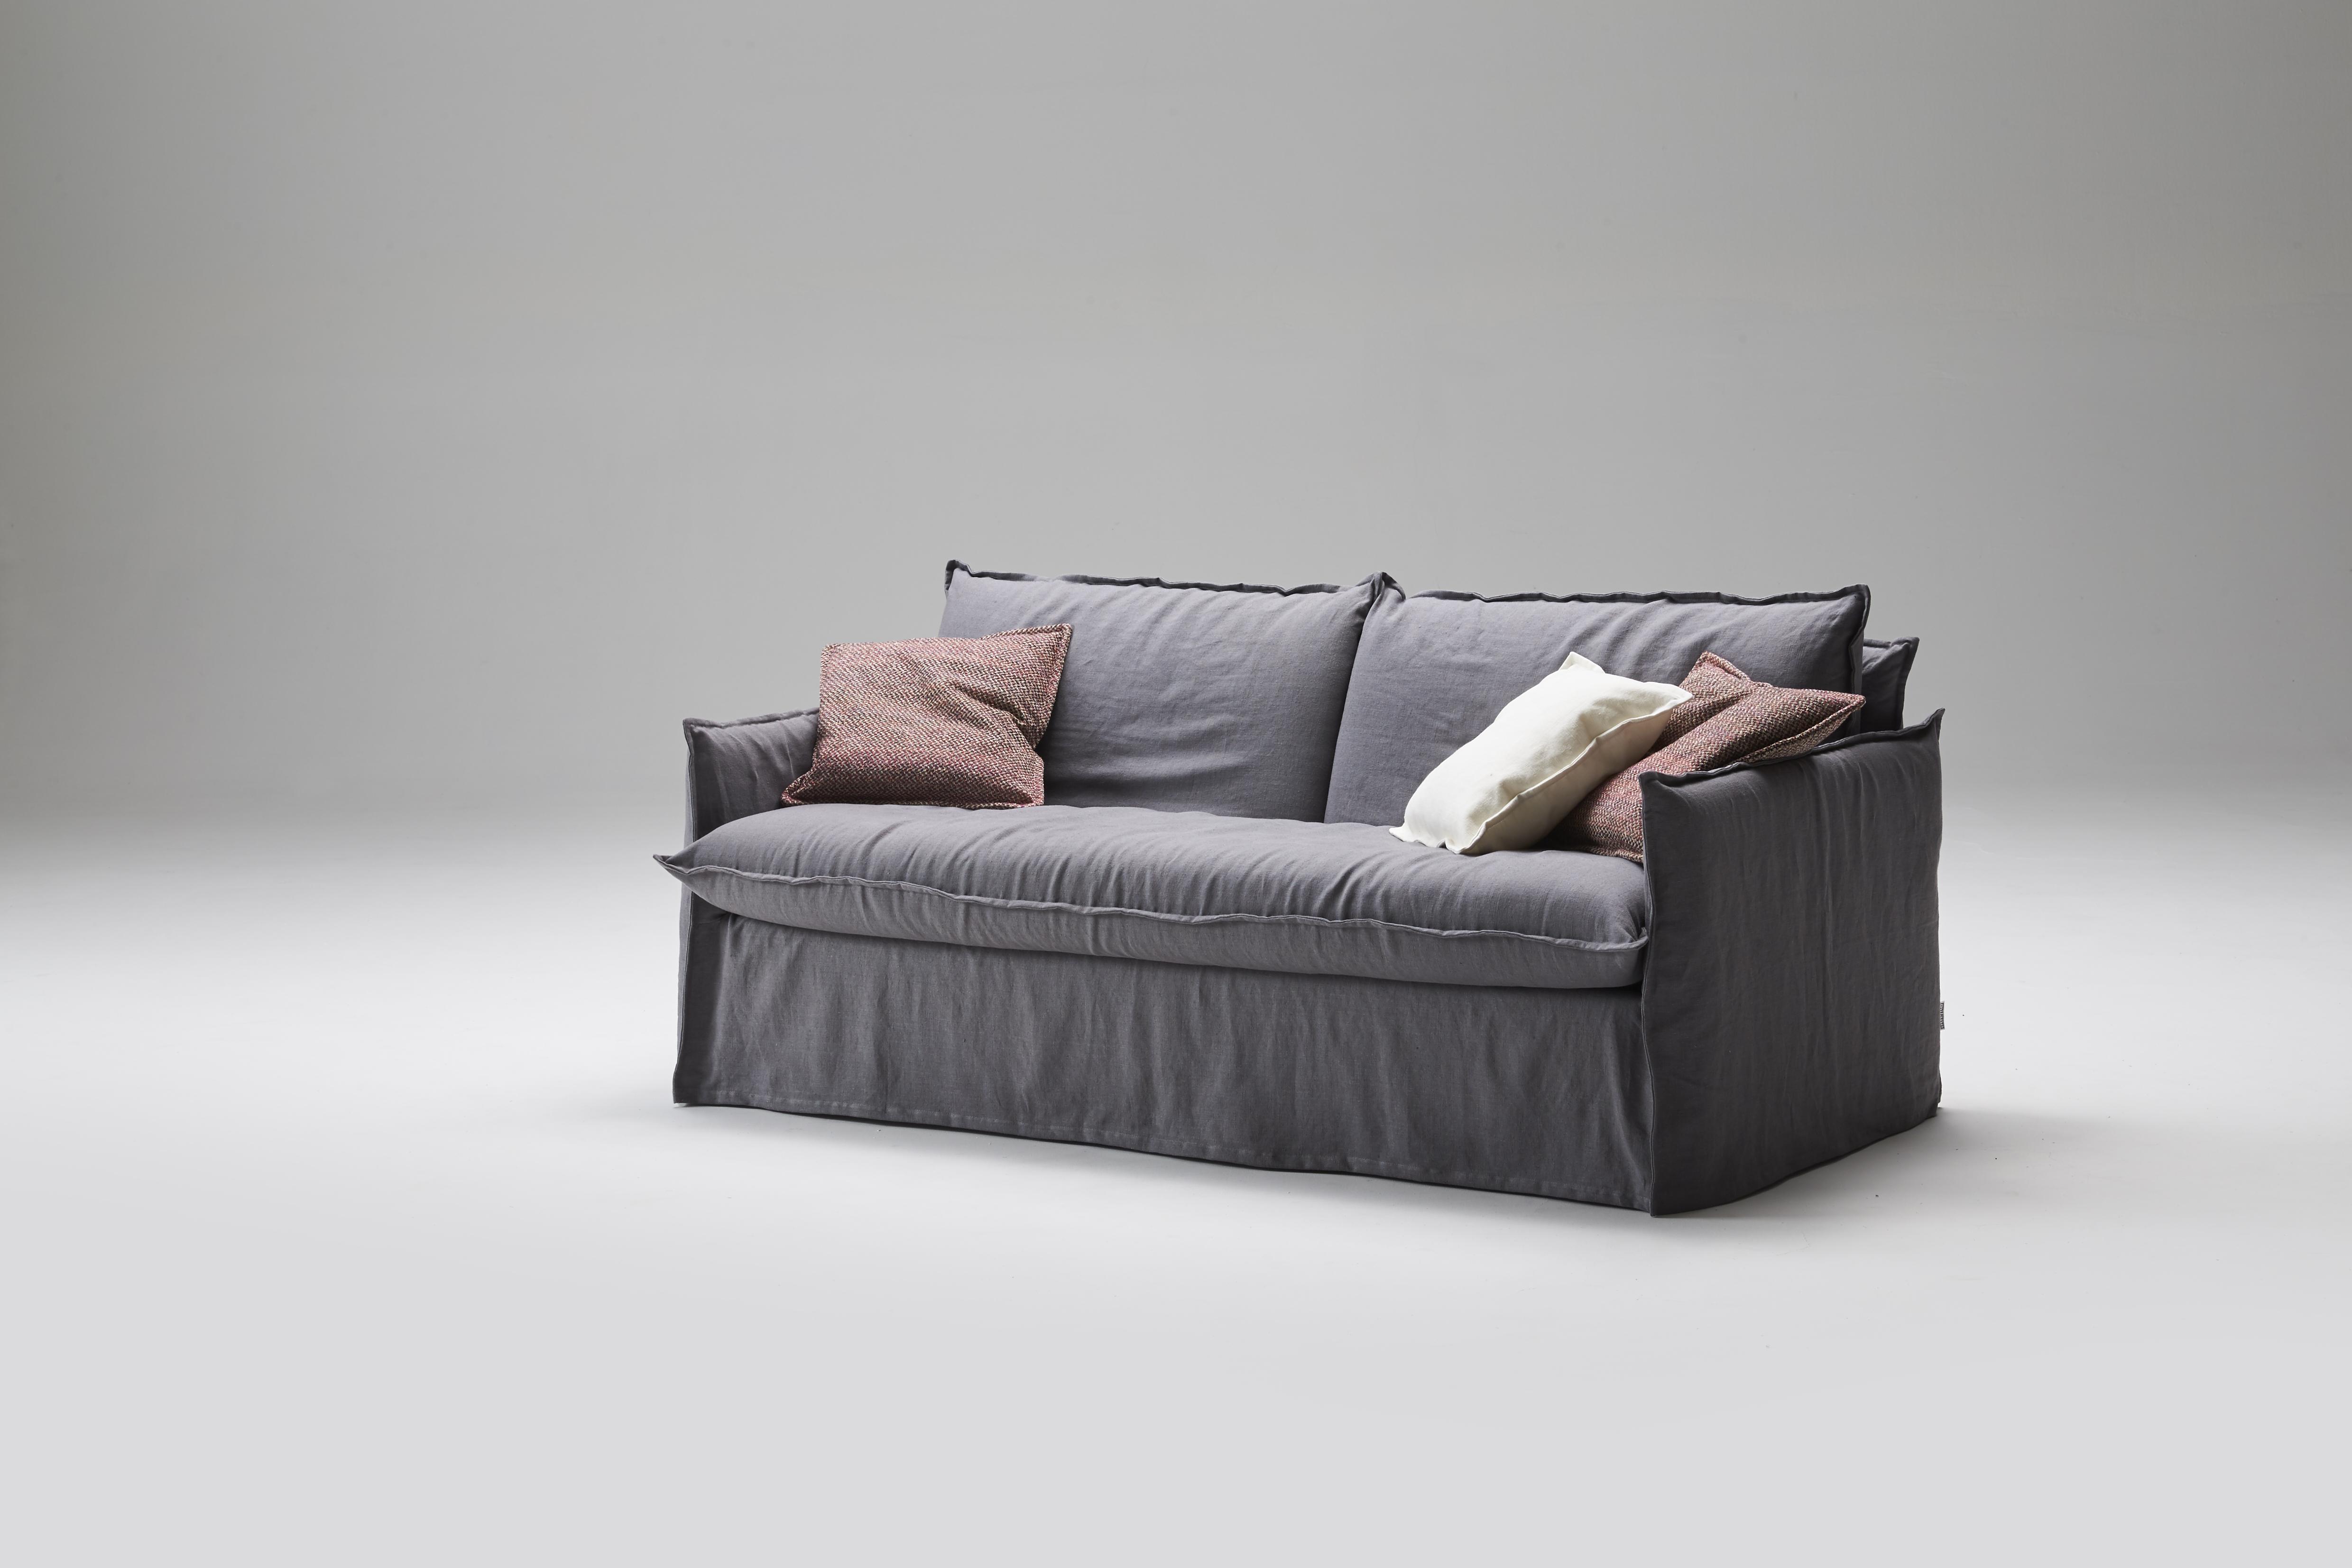 Achetez votre canap lit clarke milano bedding chez for Canape milano